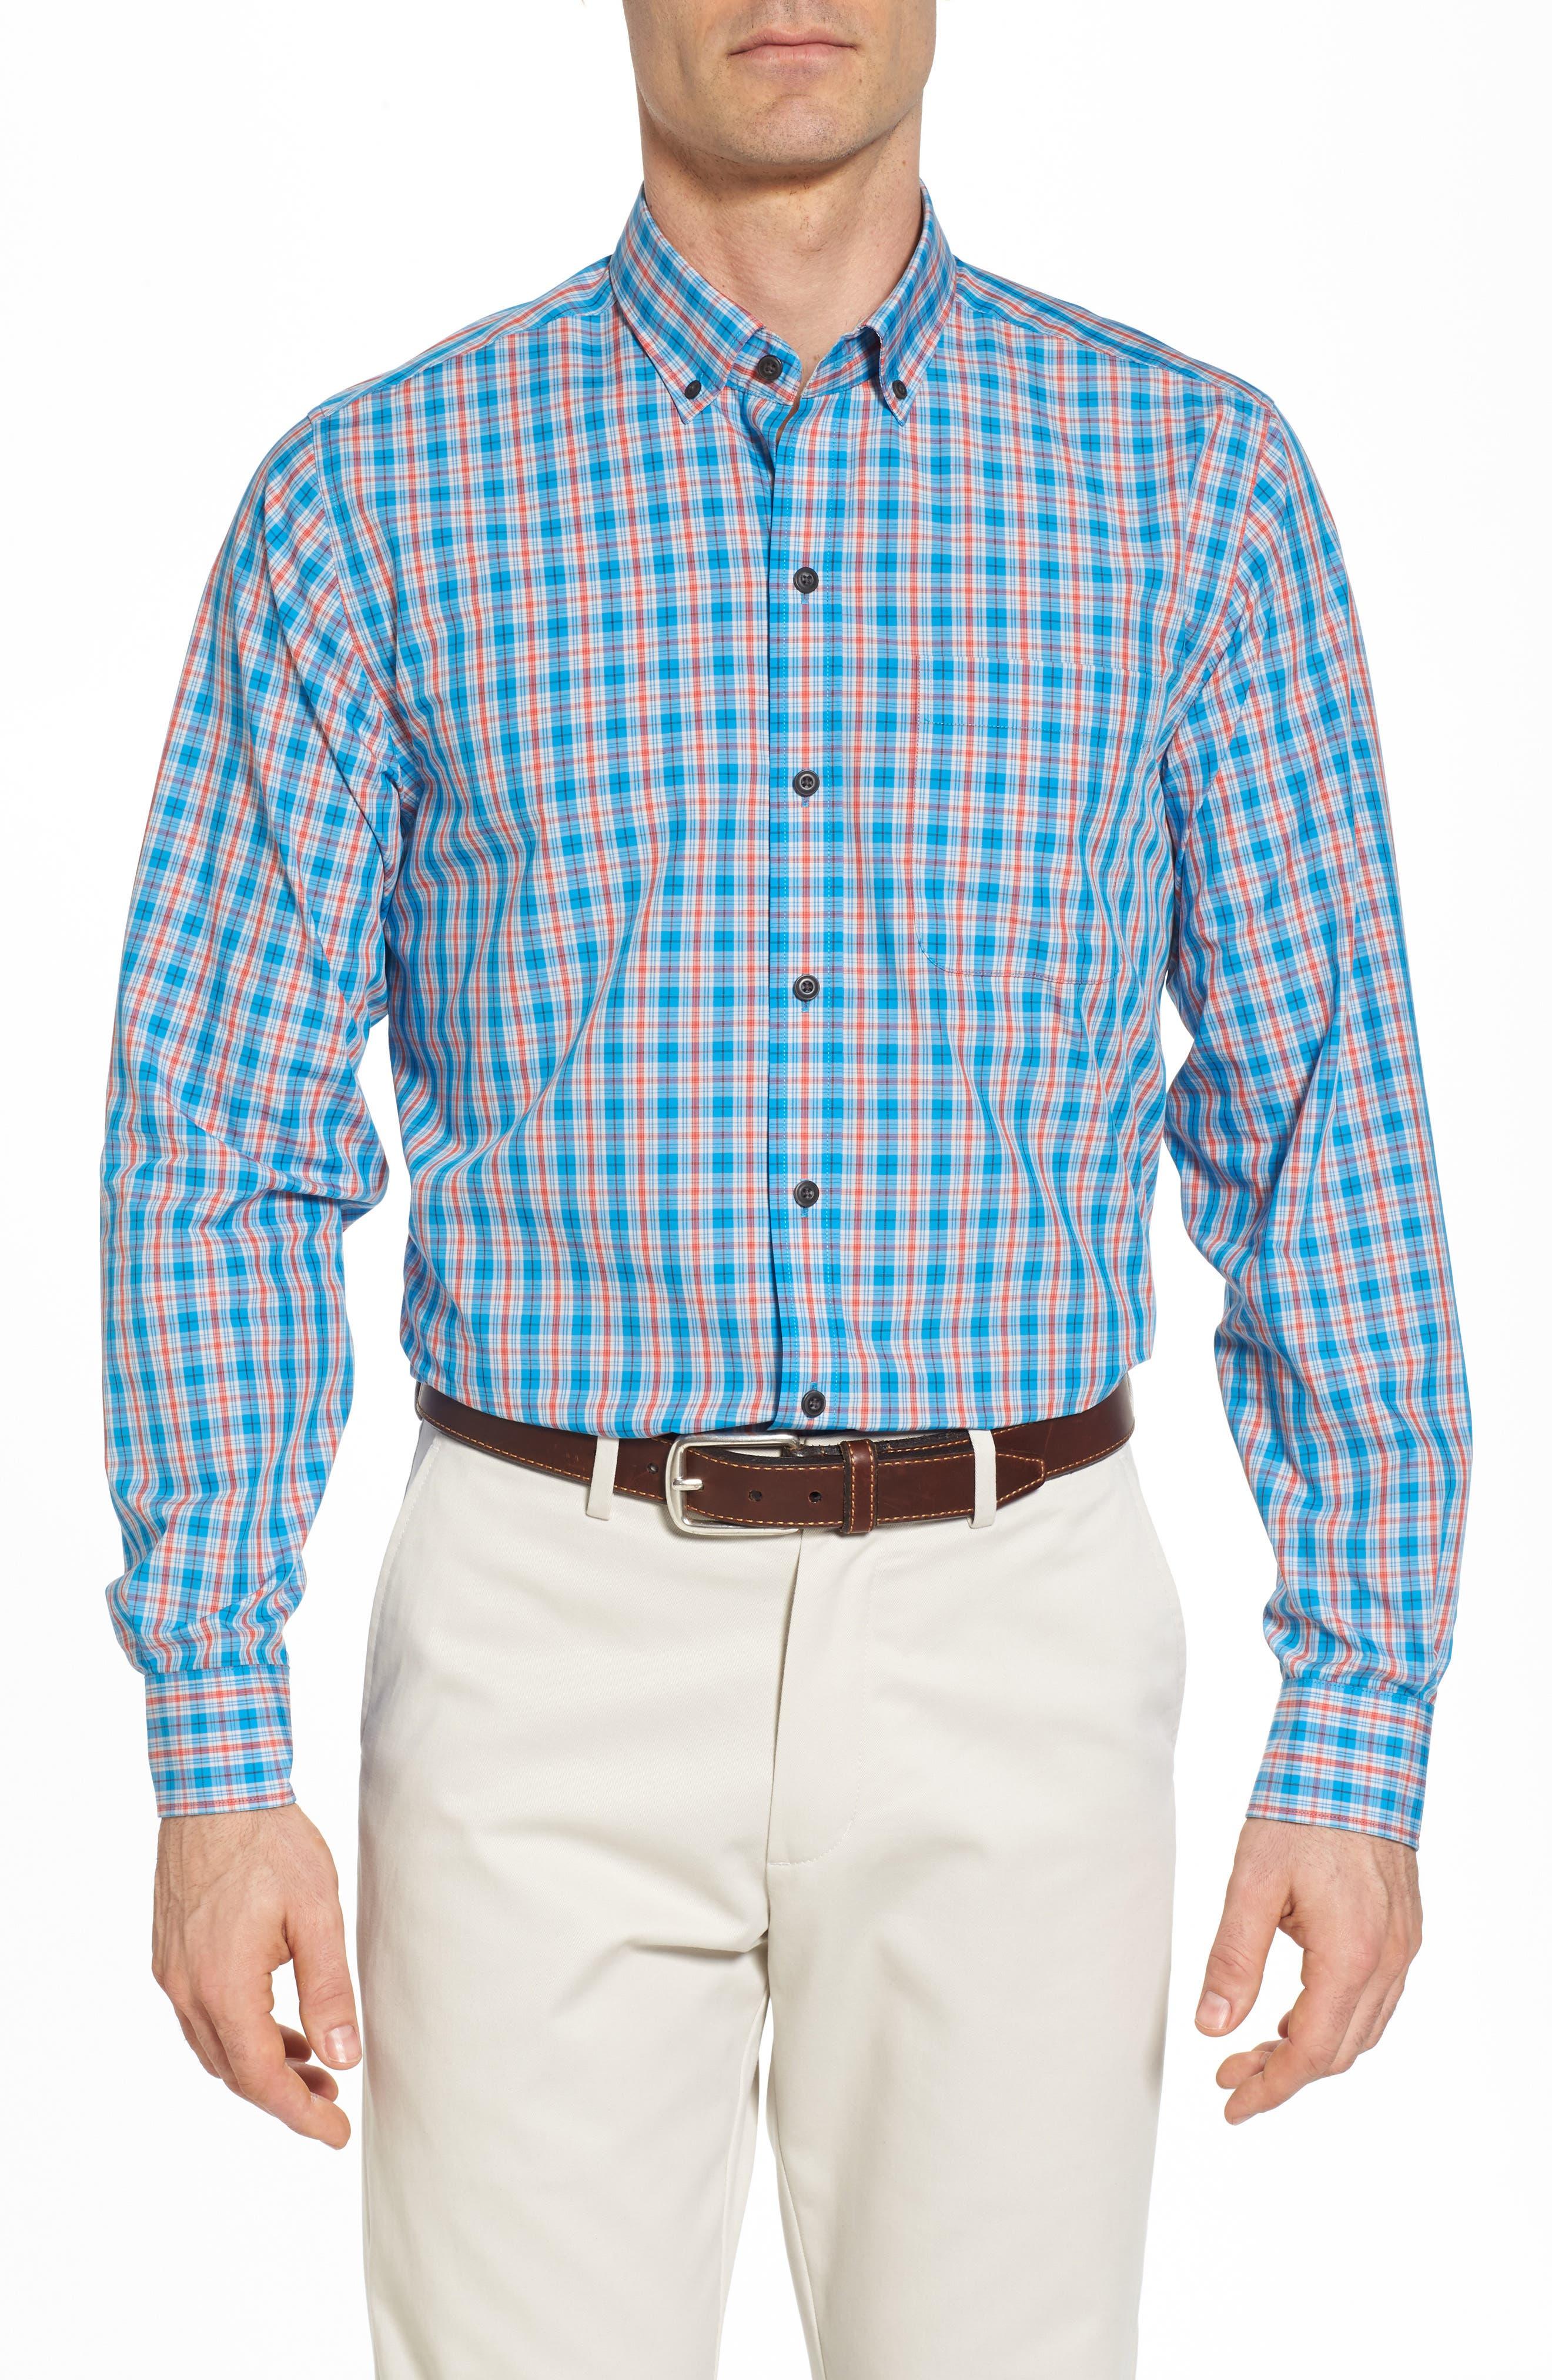 Landon Classic Fit Non-Iron Plaid Sport Shirt,                         Main,                         color, POOLSIDE